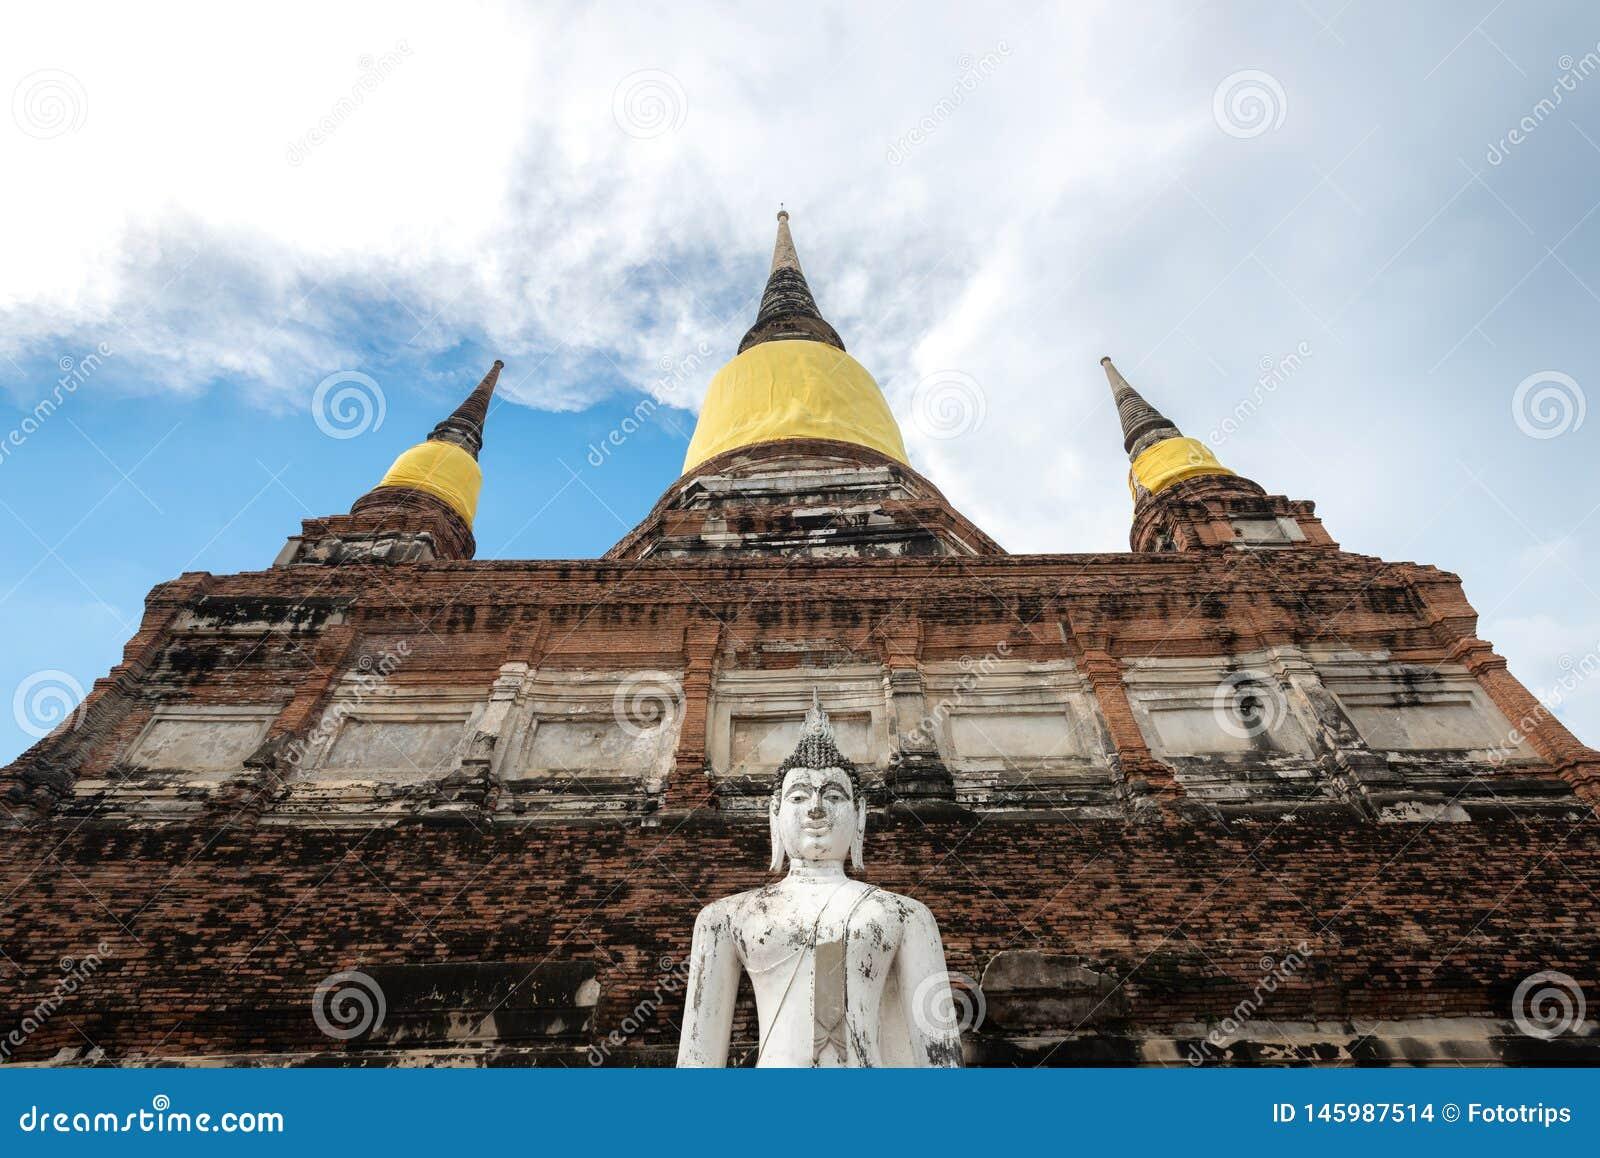 Ναός της Ταϊλάνδης - παλαιά παγόδα σε Wat Yai Chai Mongkhon, ιστορικό πάρκο Ayutthaya, Ταϊλάνδη